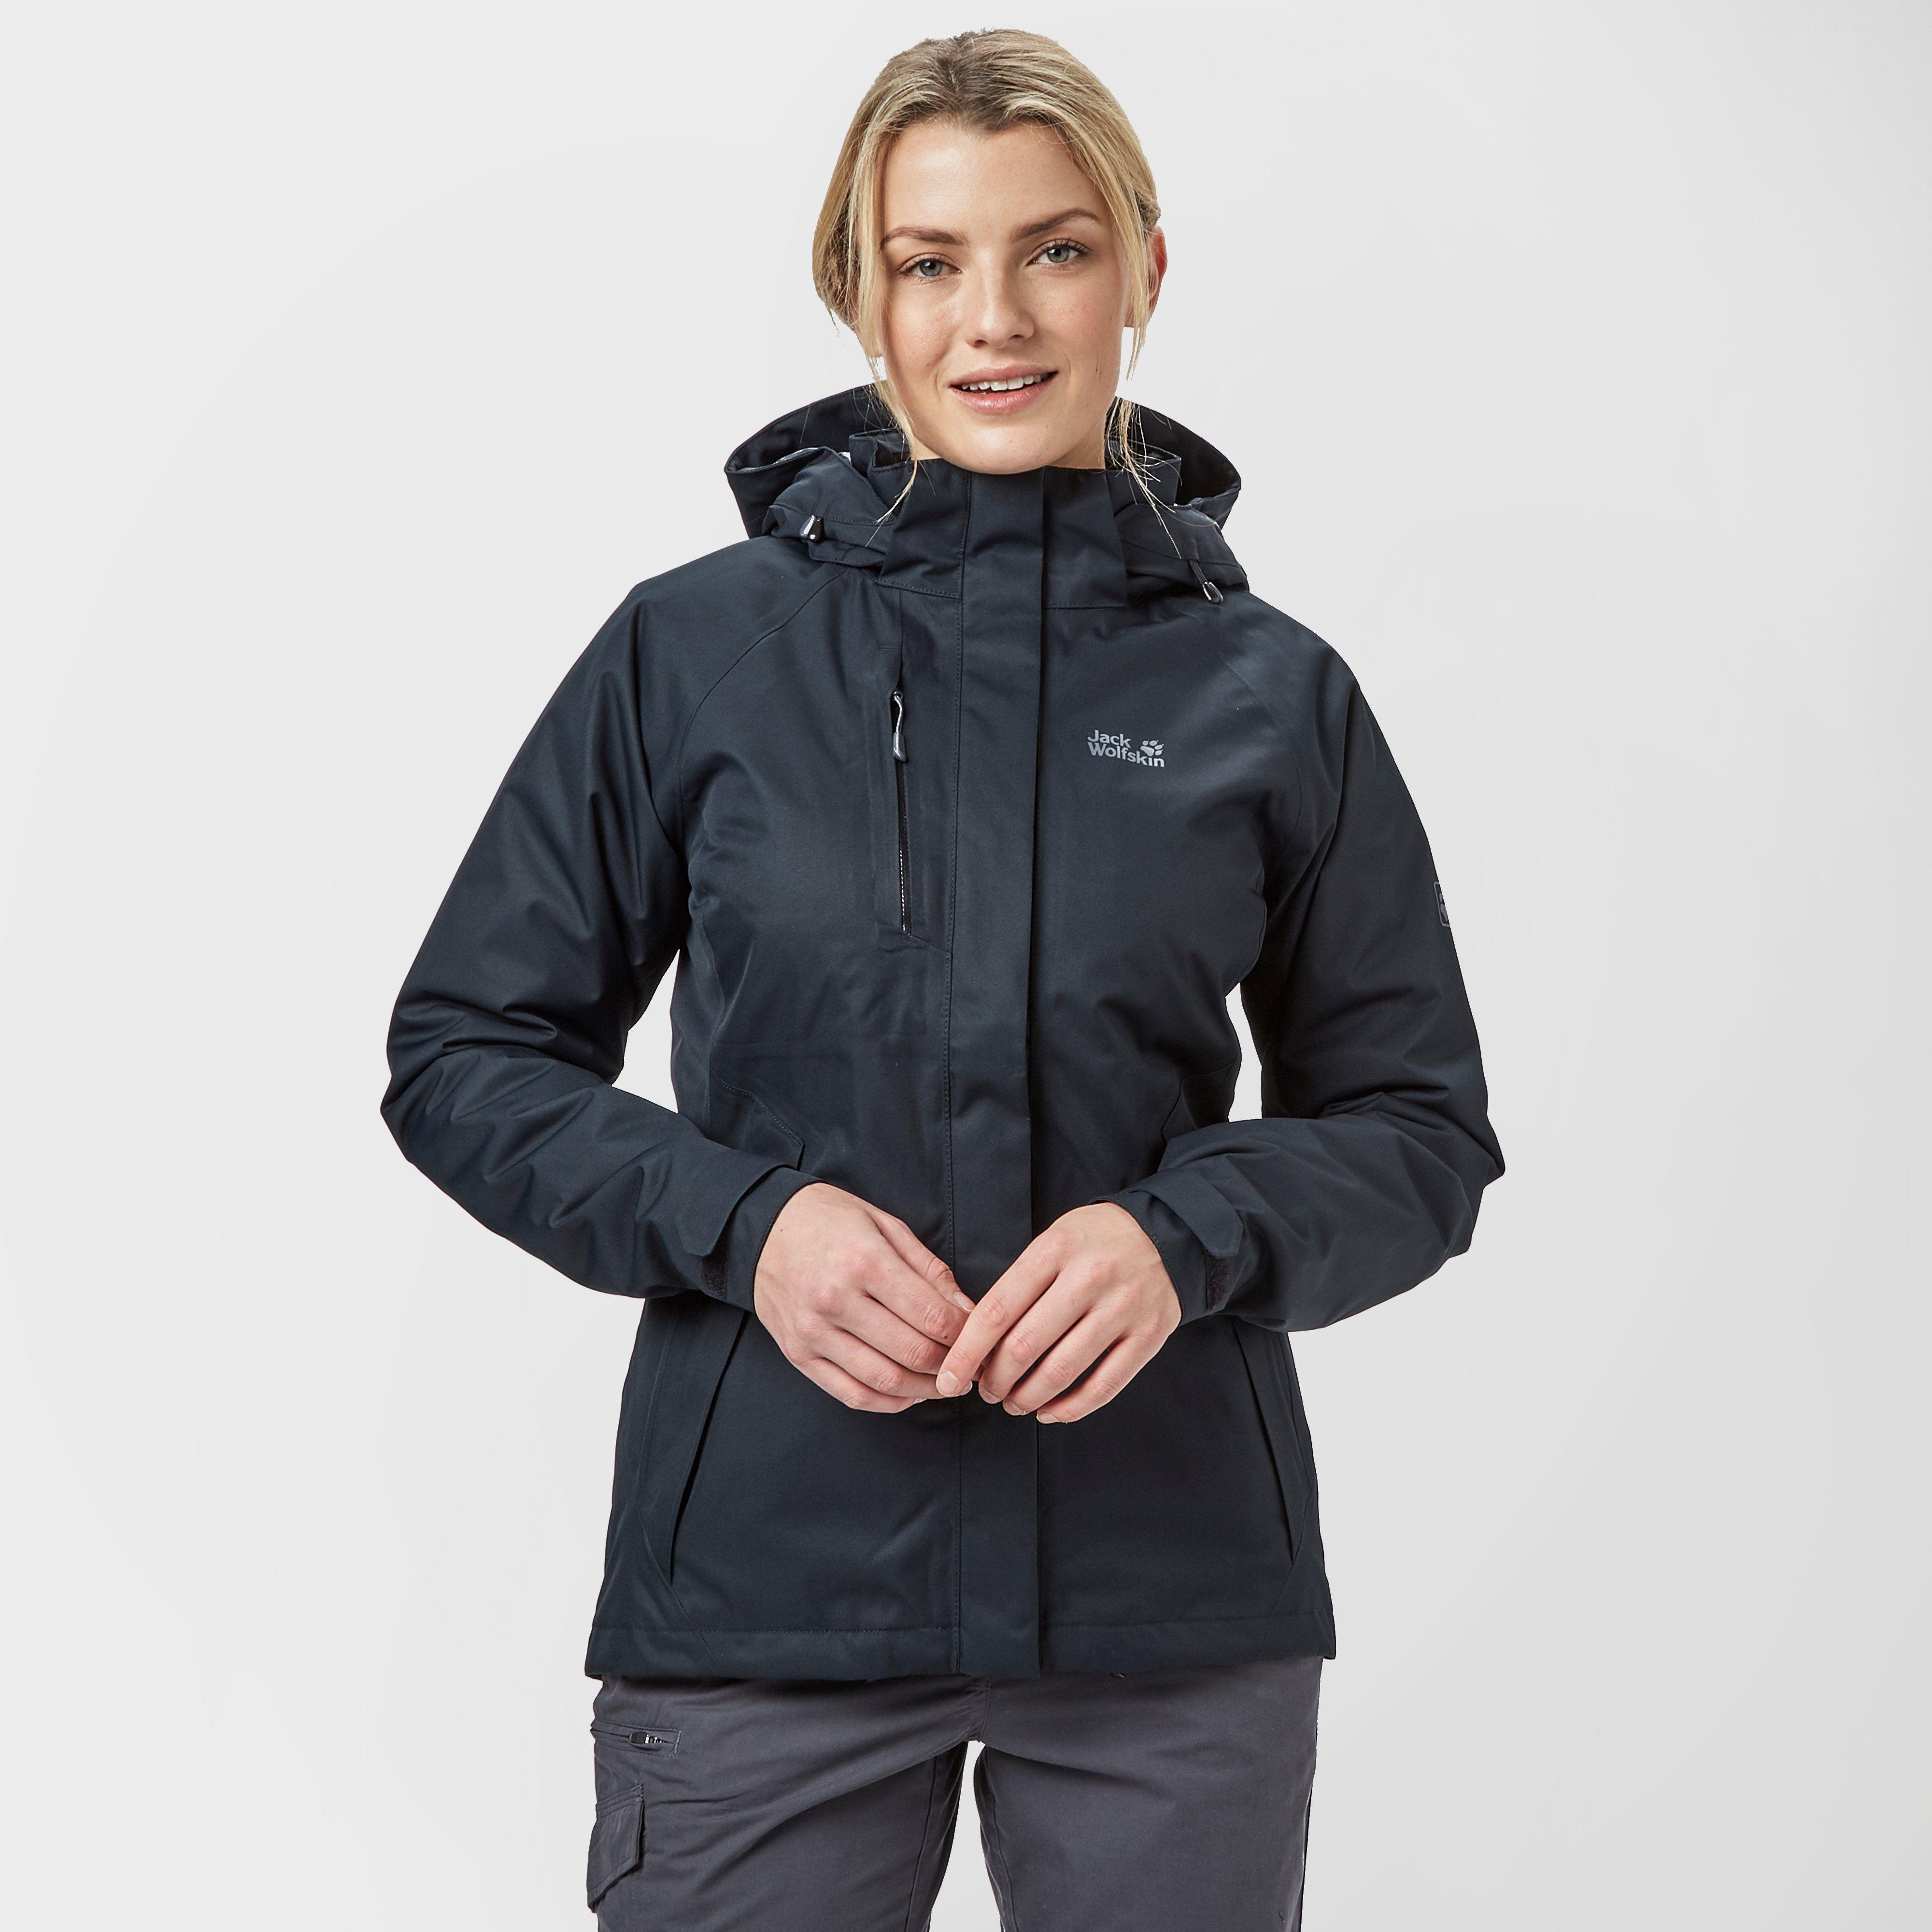 JACK WOLFSKIN Women's Northern Land Jacket